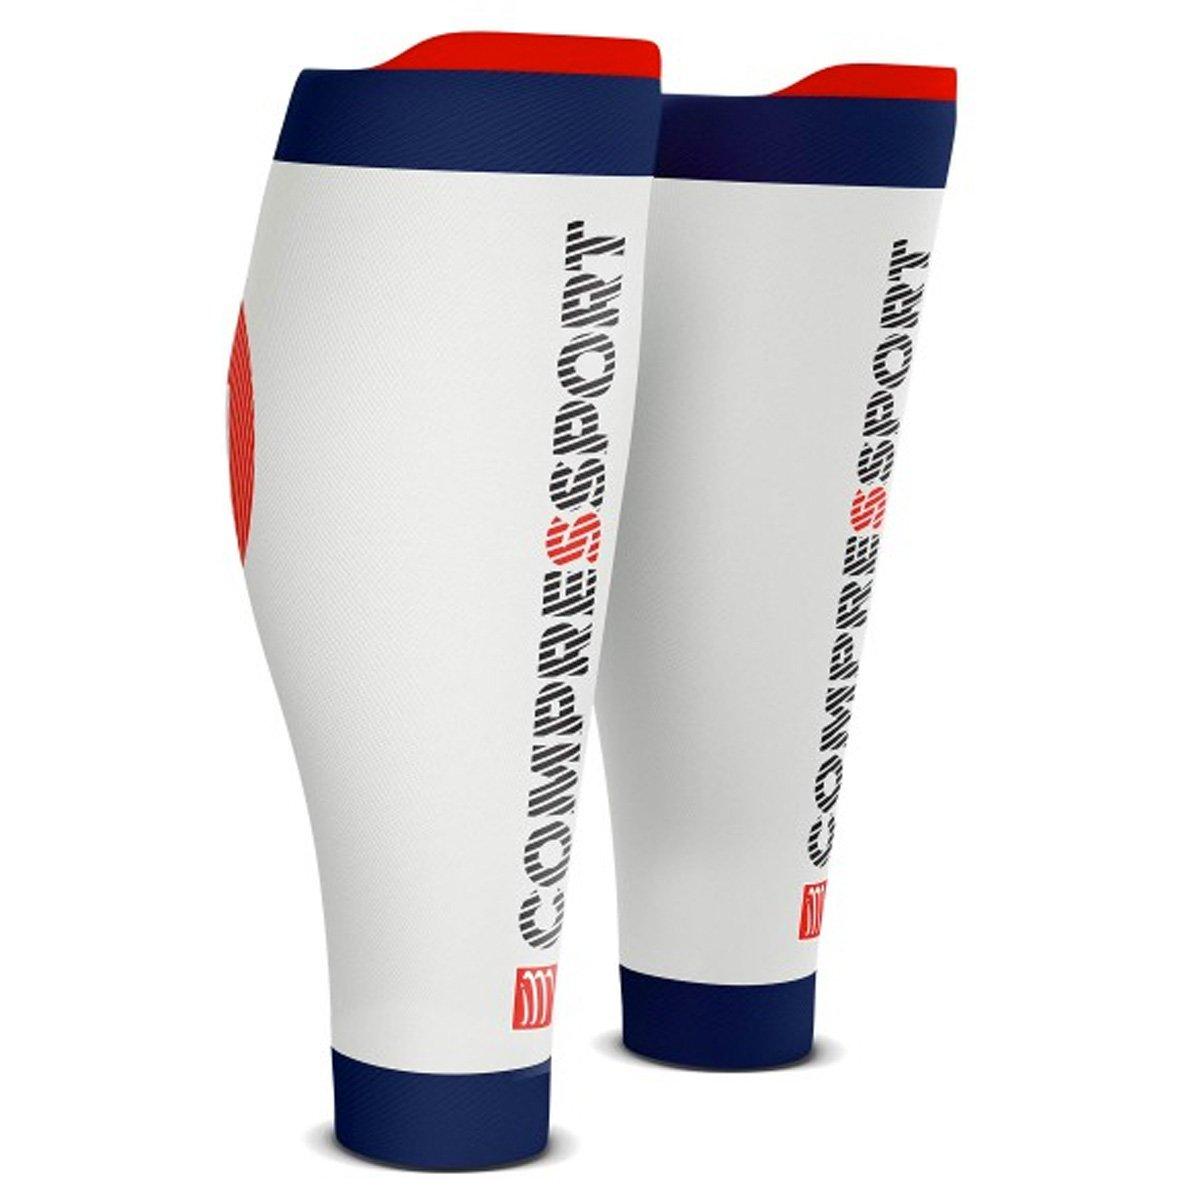 Compressport Calf r2 V2 Sleeves Ironman pantorrillas Triathlon Sirven Compresión tri226 en Tri: Amazon.es: Deportes y aire libre